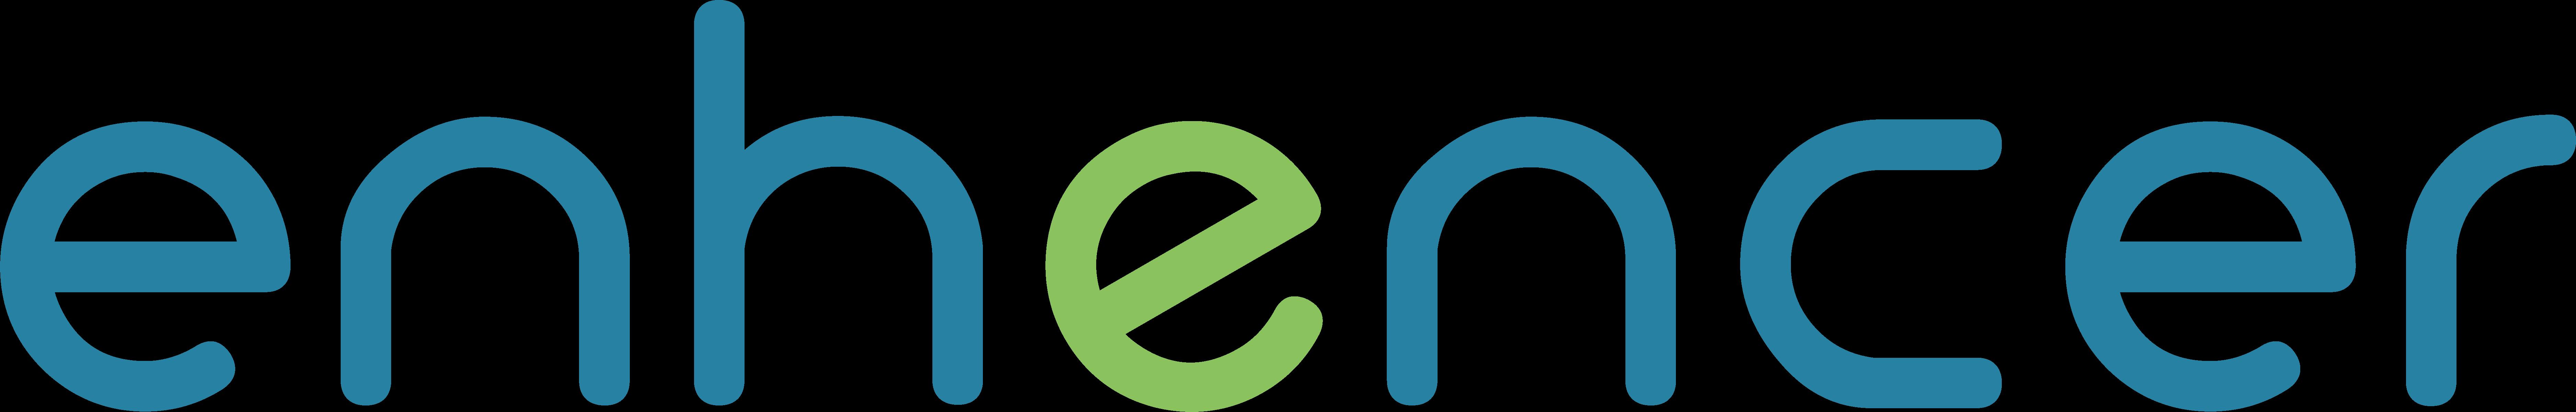 Enhencer logo